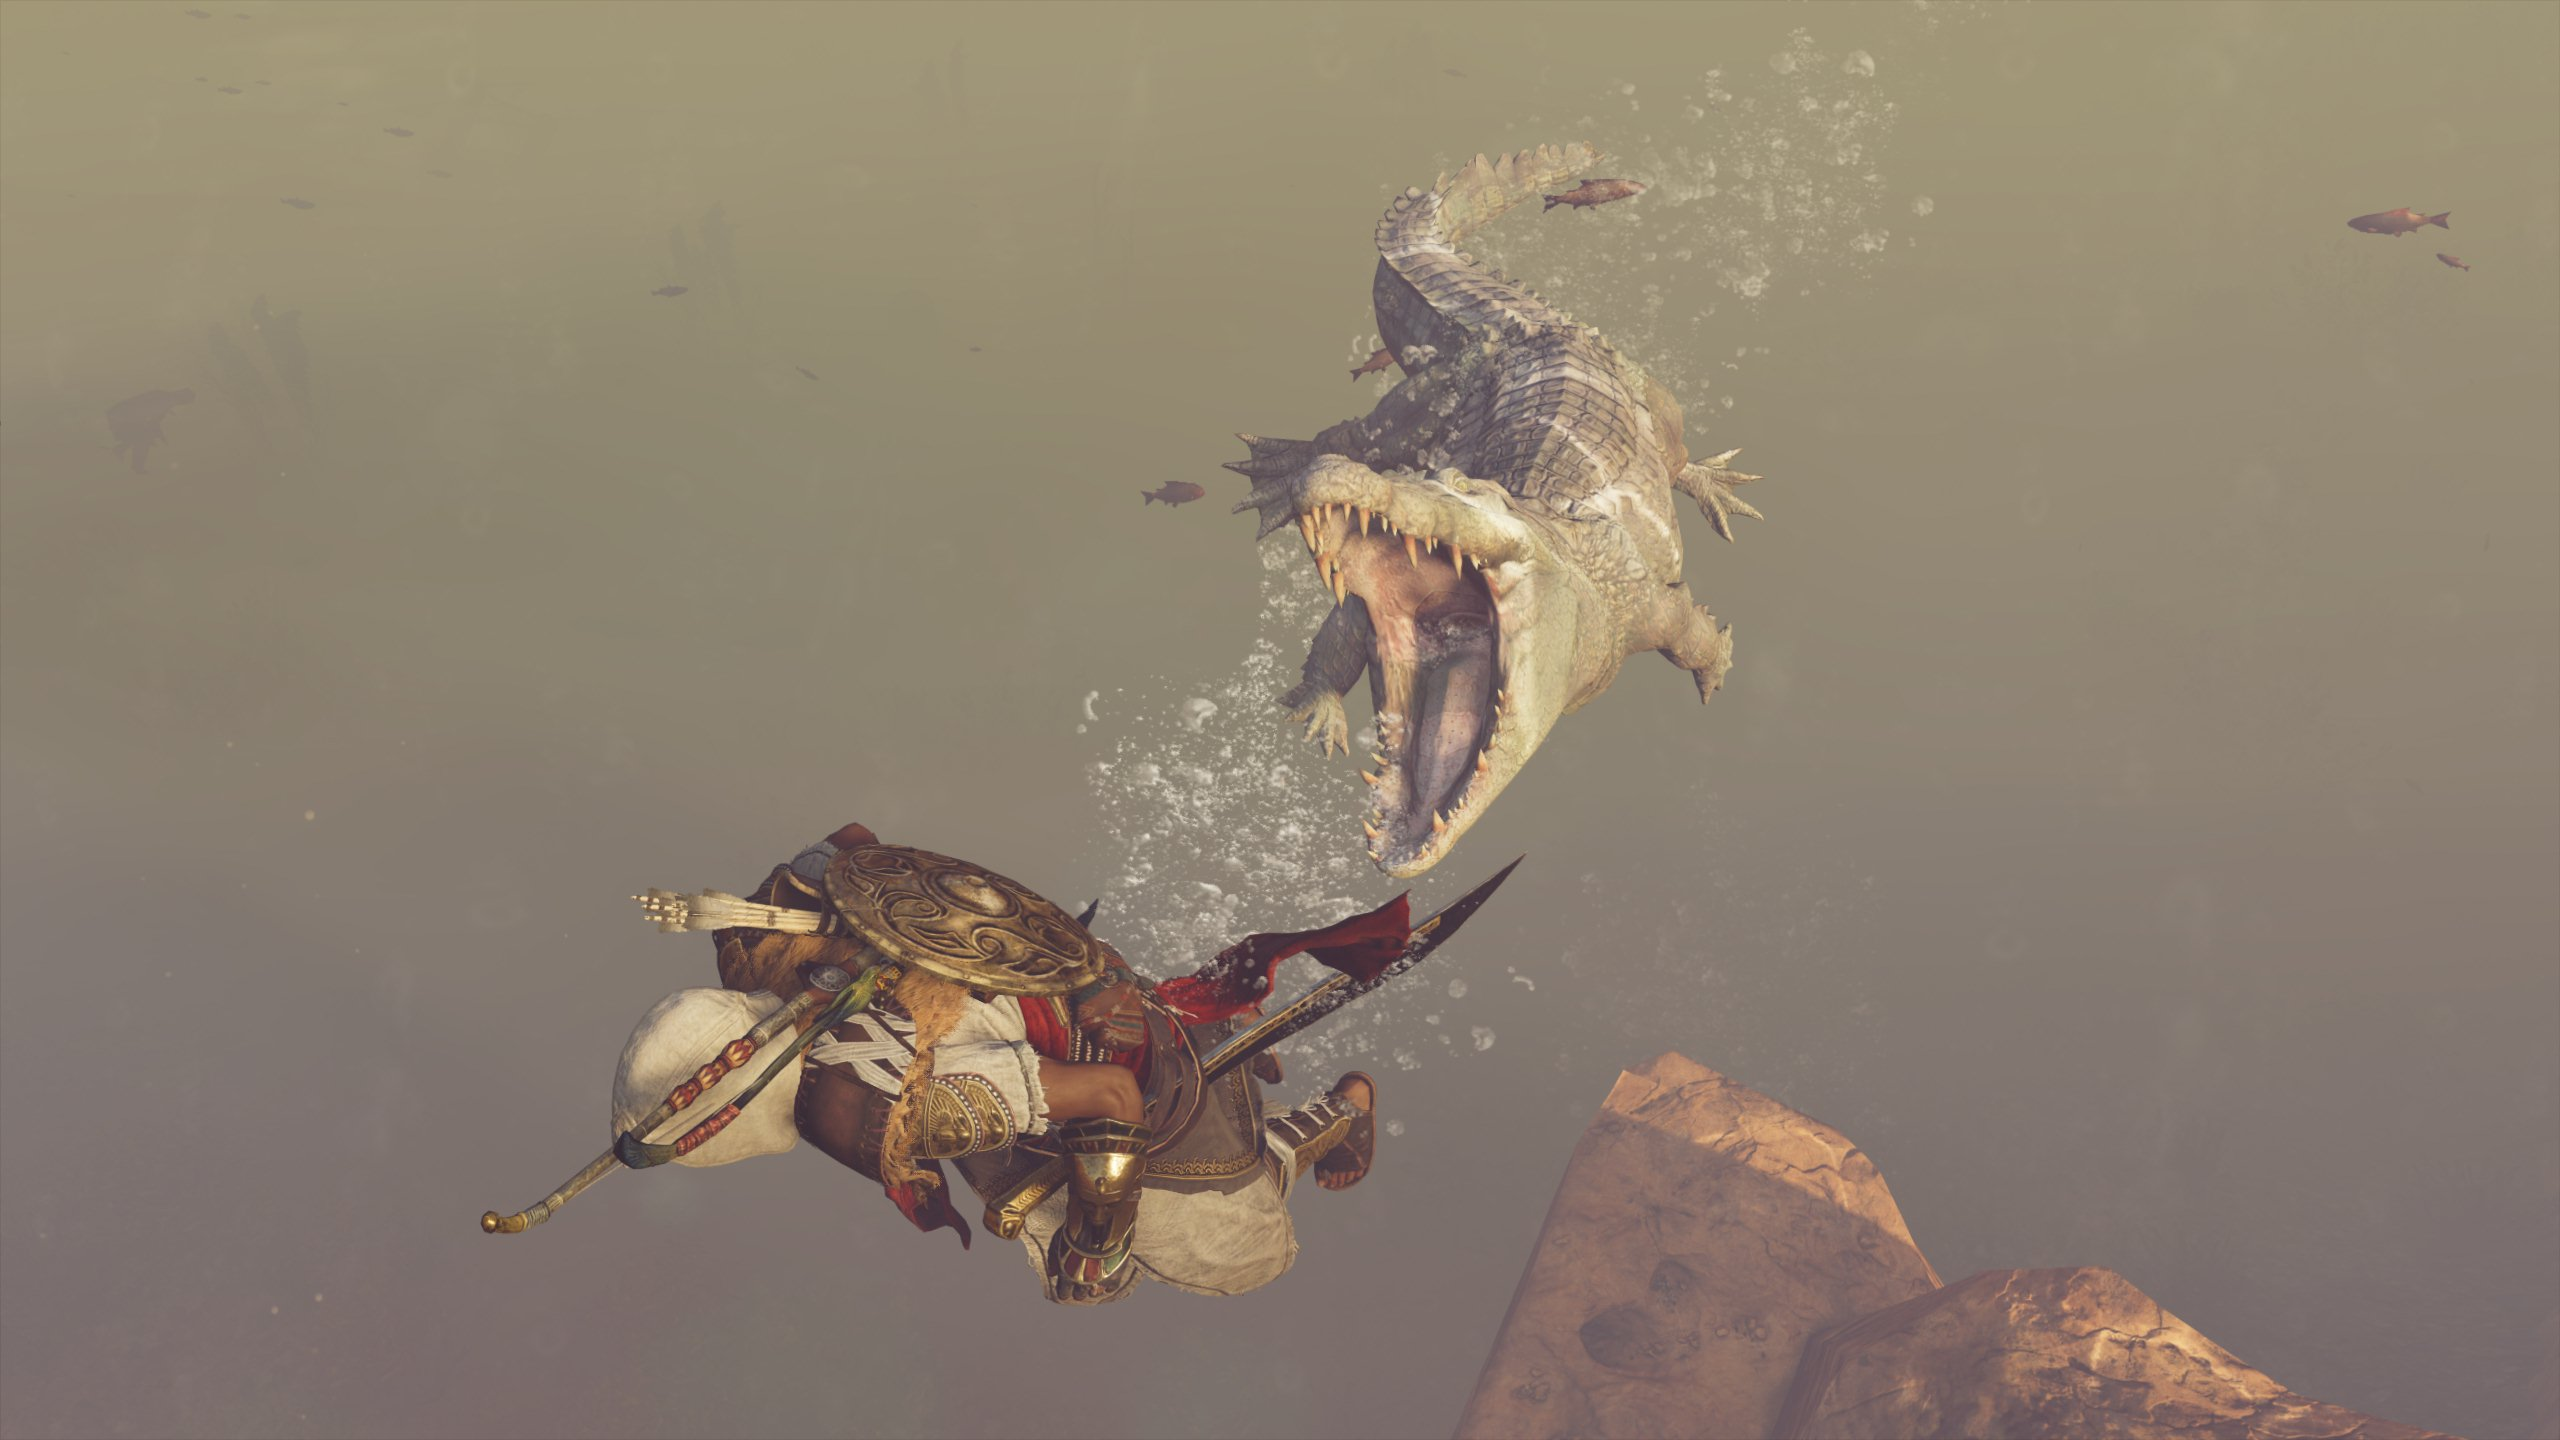 20200328165530.jpg - Assassin's Creed: Origins